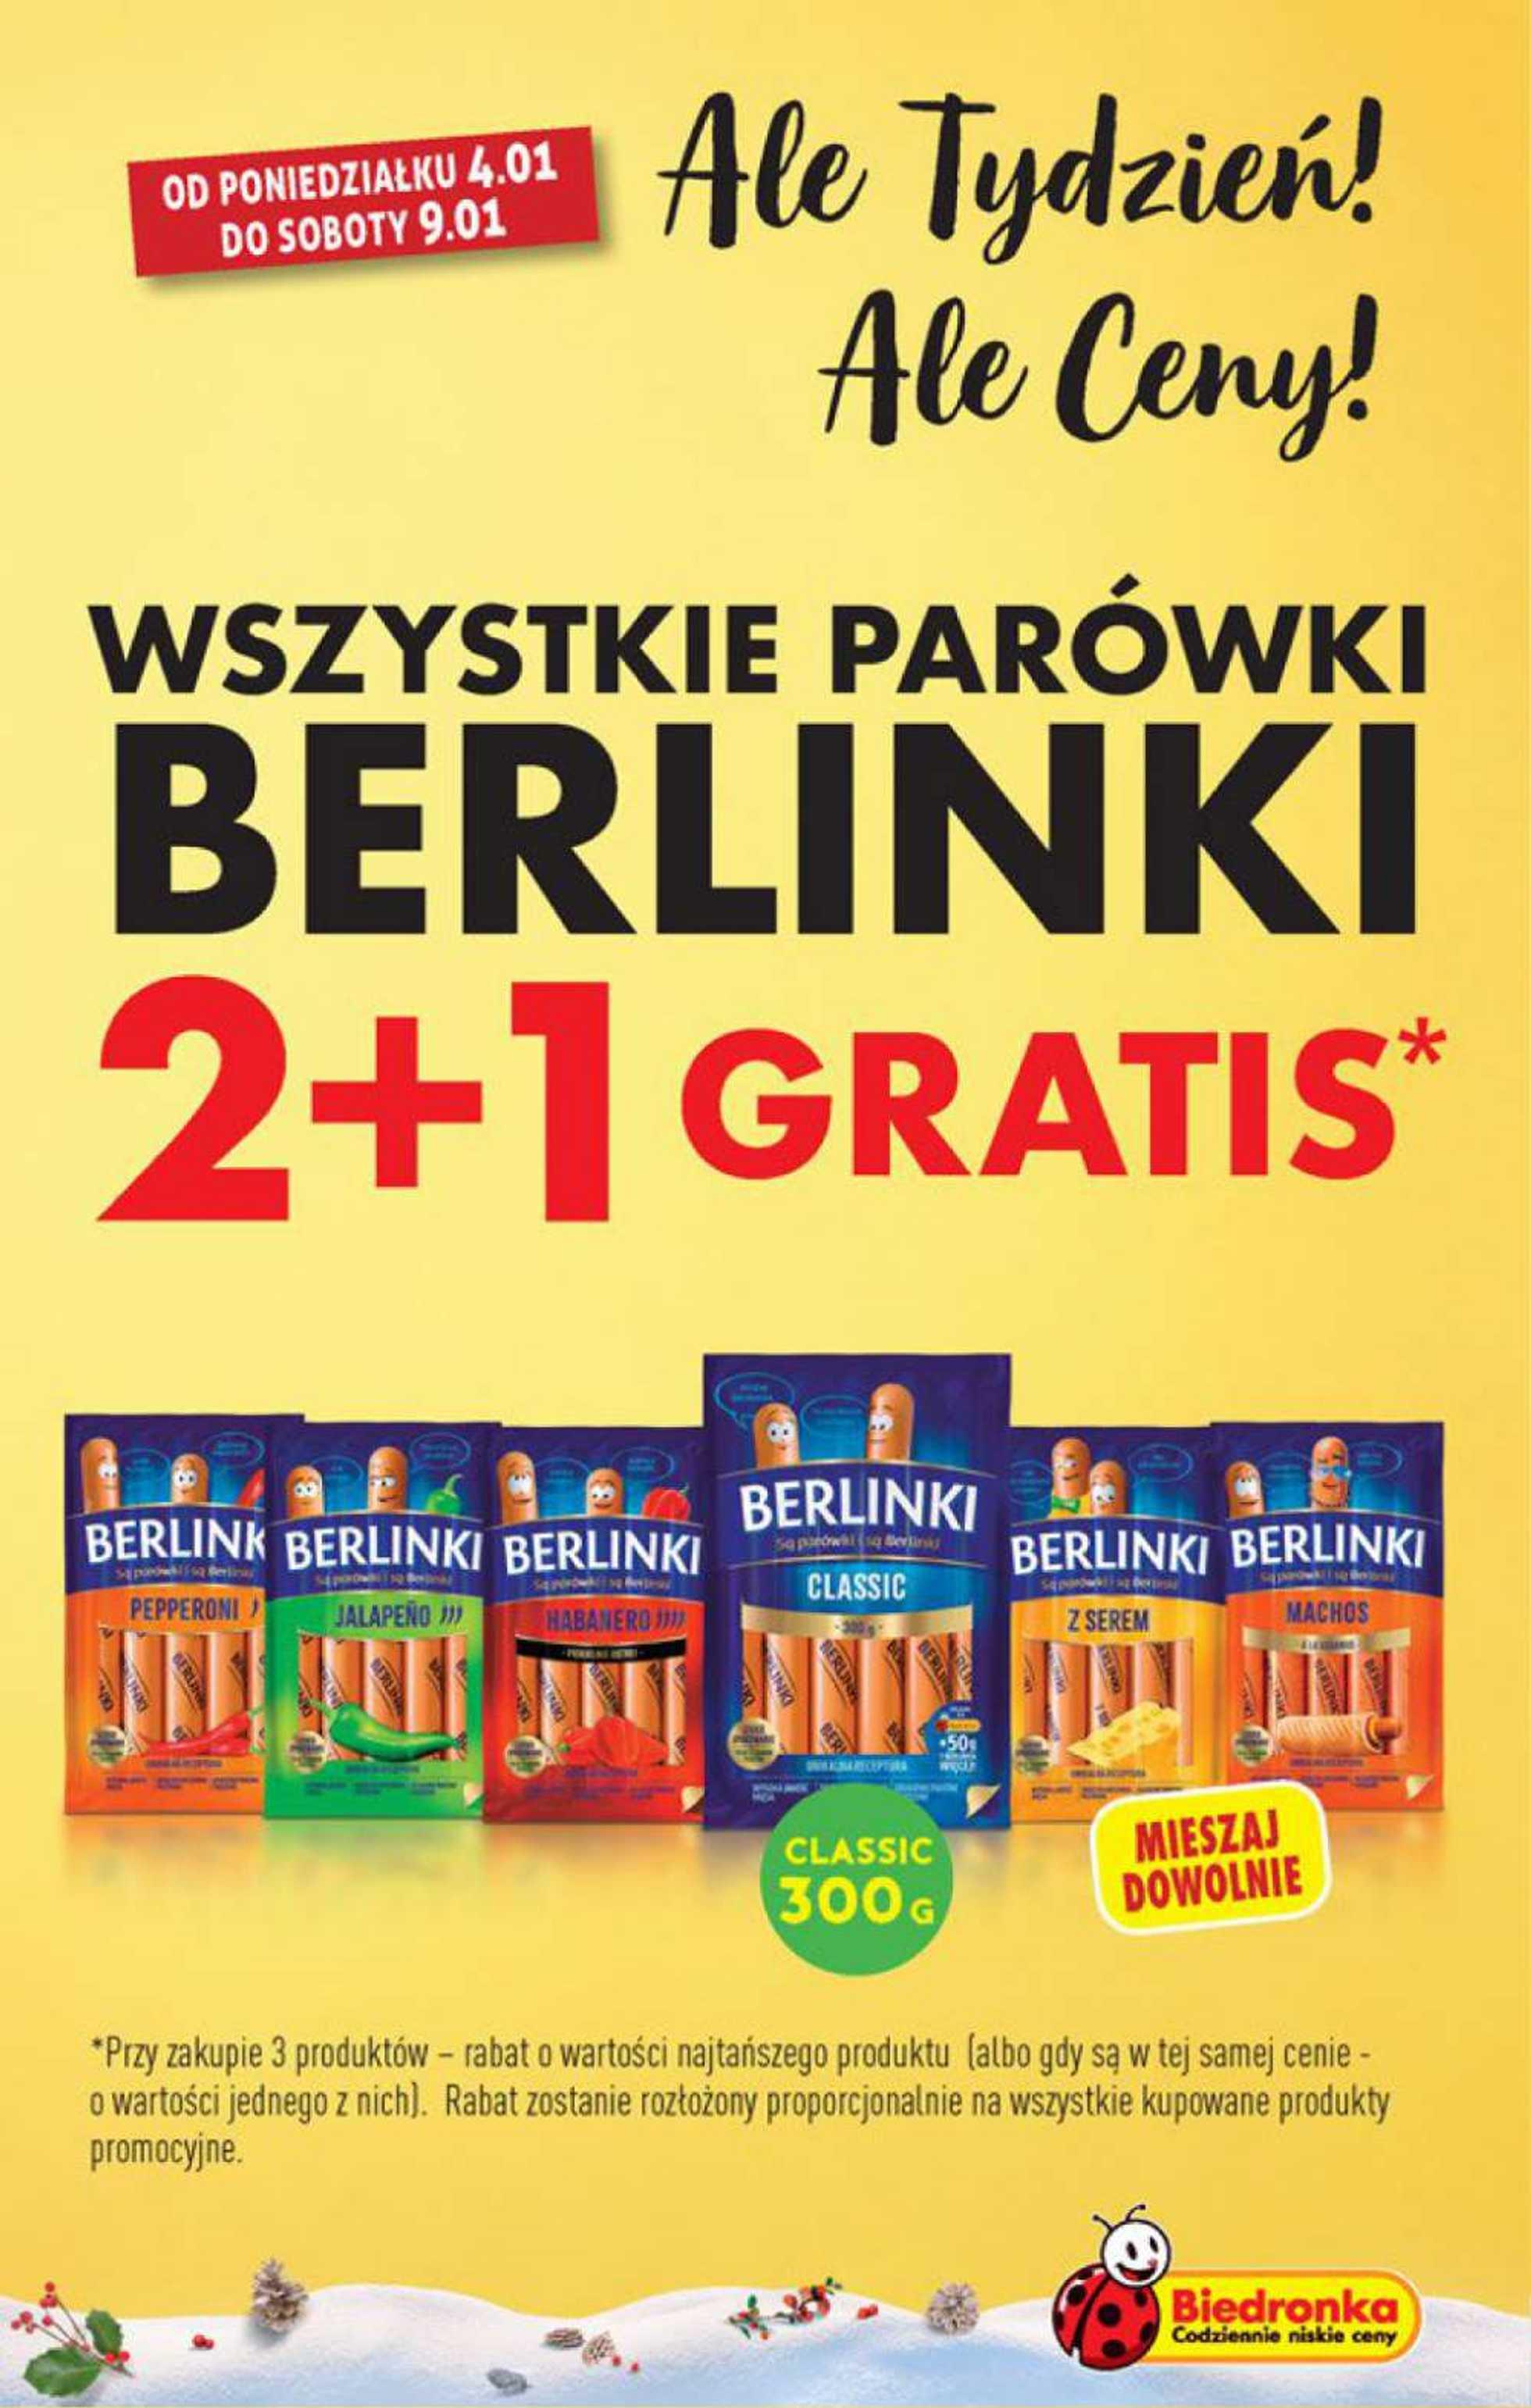 Biedronka - gazetka promocyjna ważna od 04.01.2021 do 09.01.2021 - strona 3.